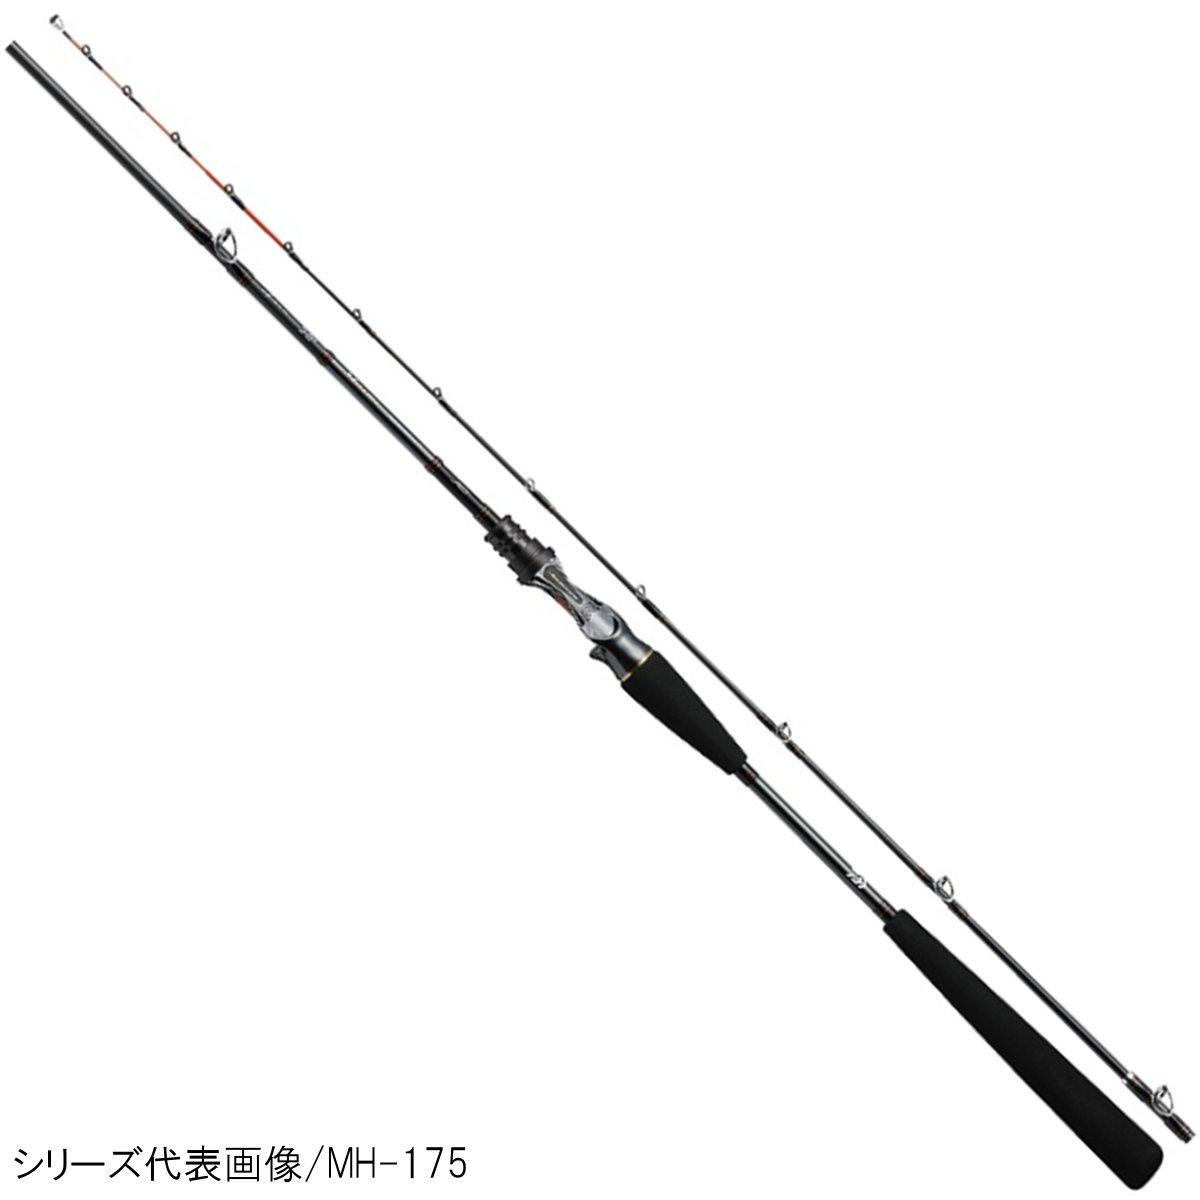 ダイワ メタリア タチウオ ゲーム H-175(東日本店)